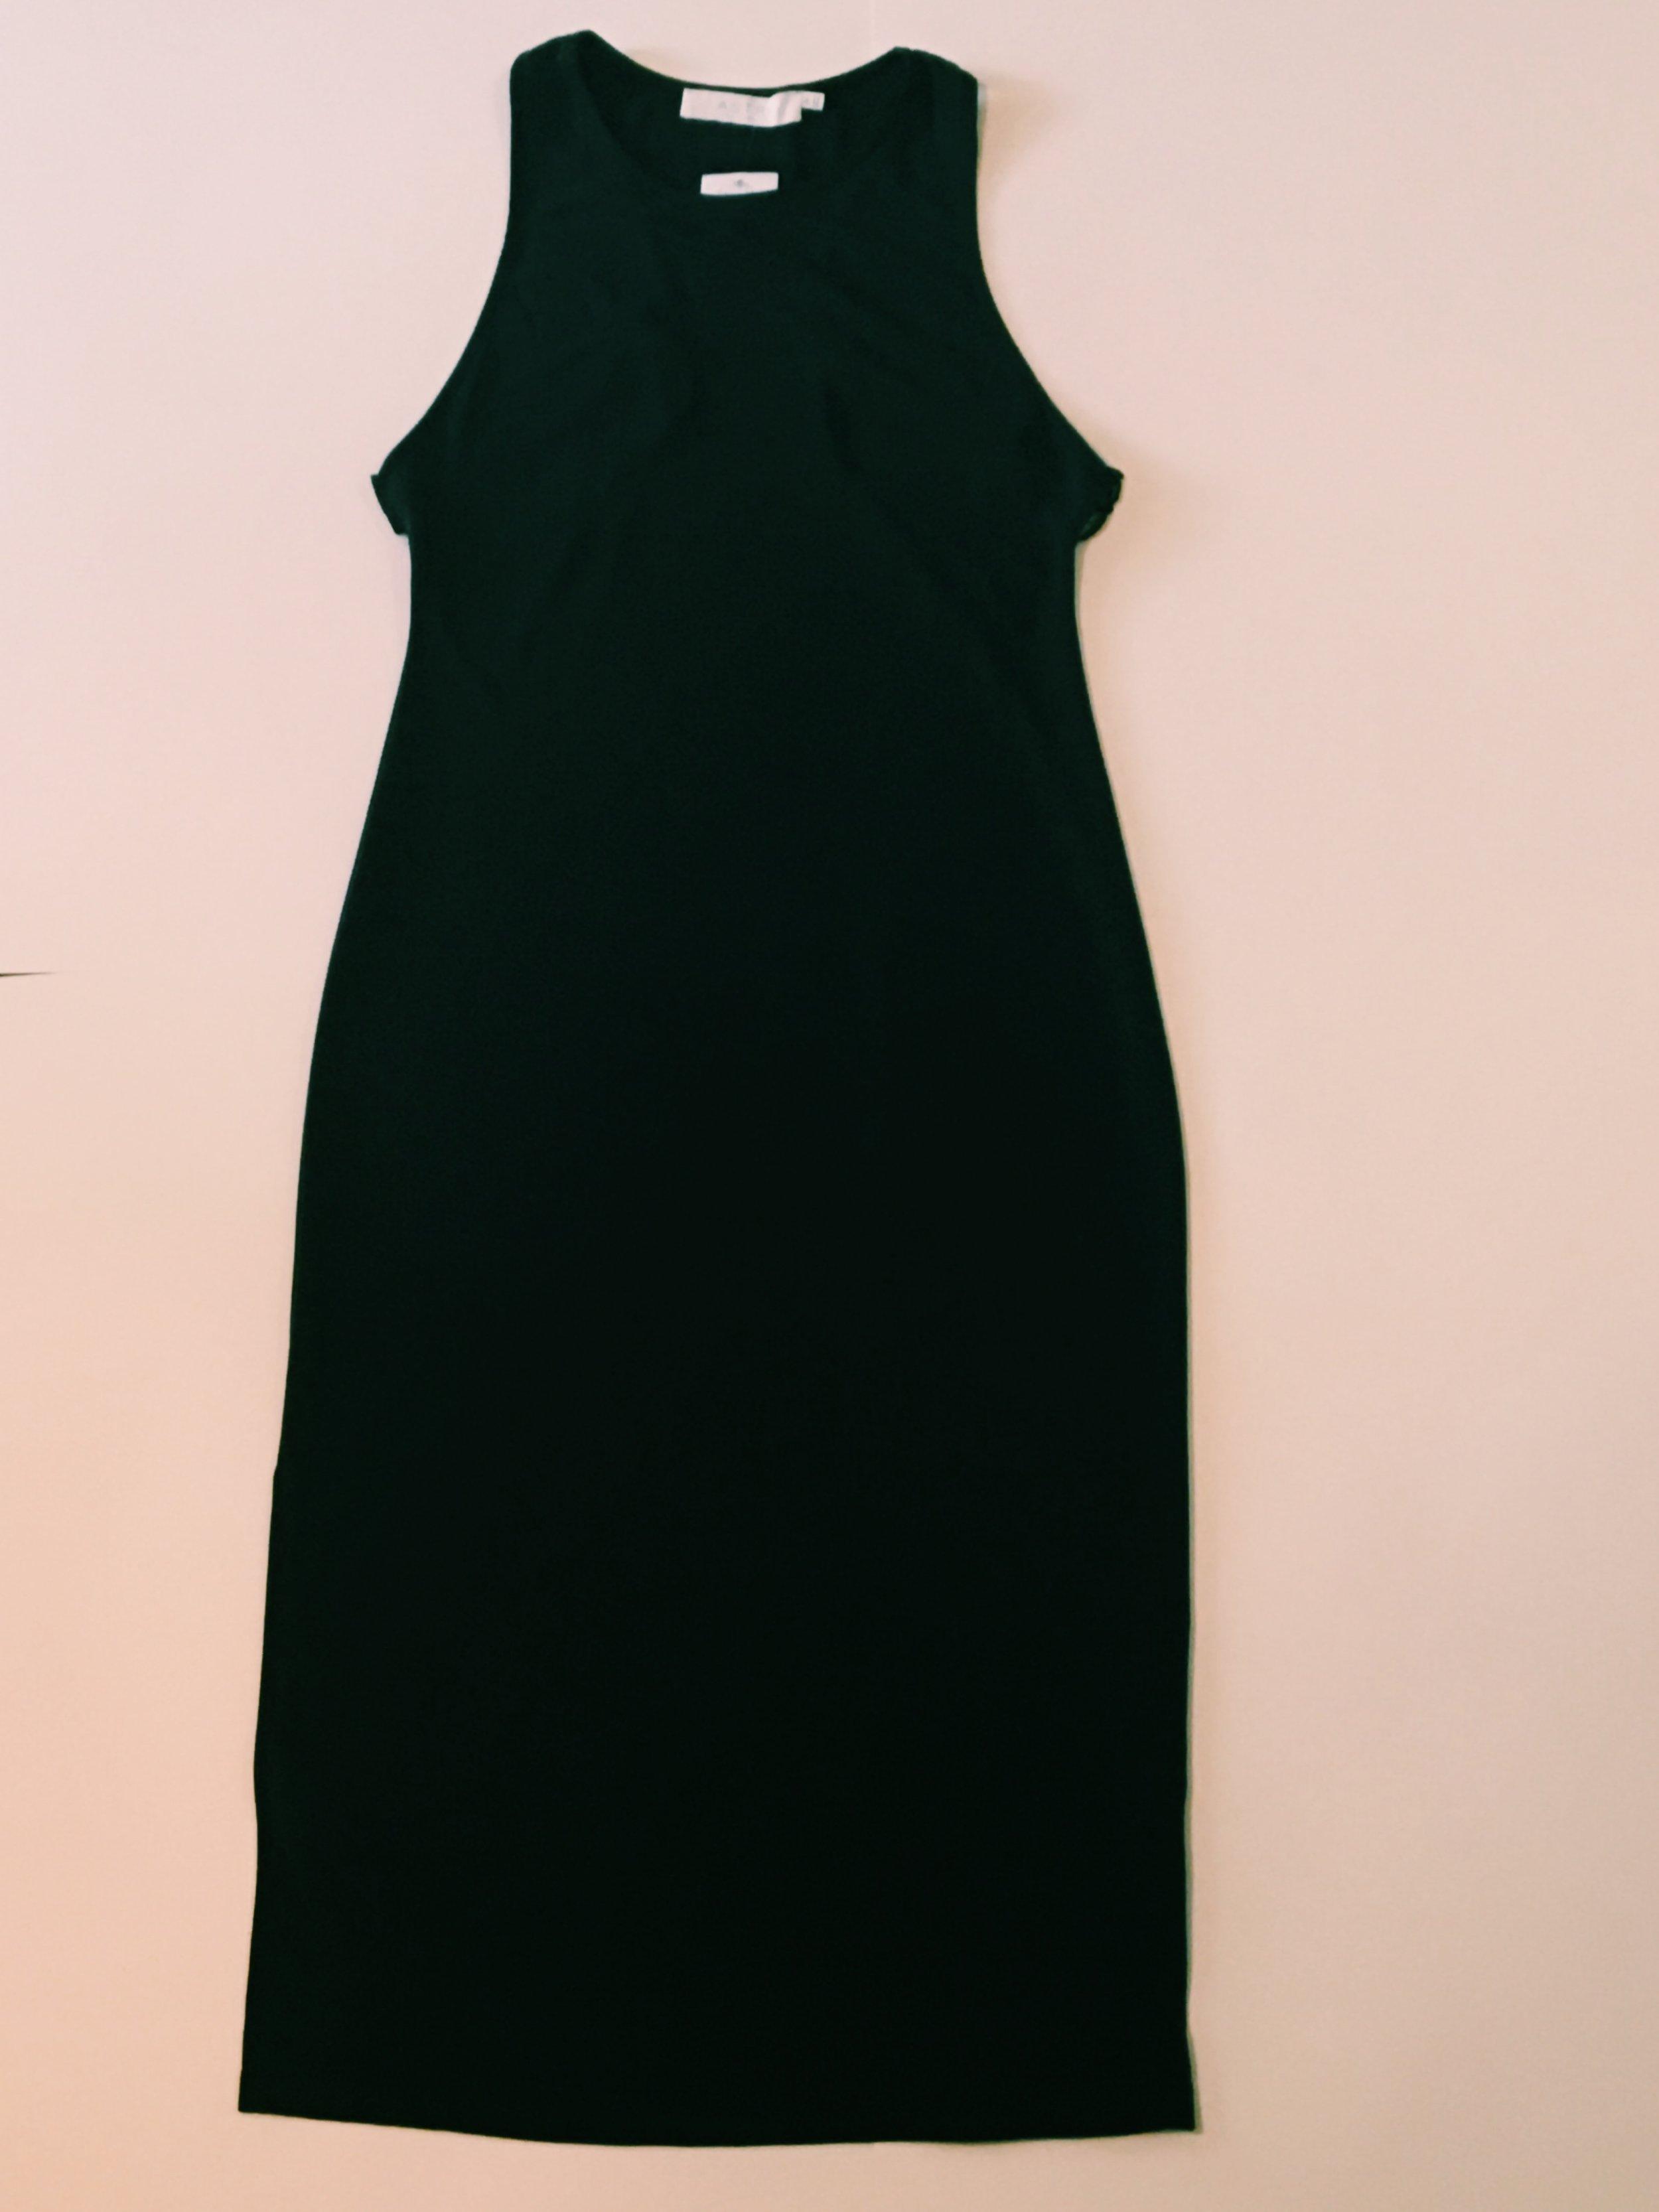 The Little Black Dinner Dress